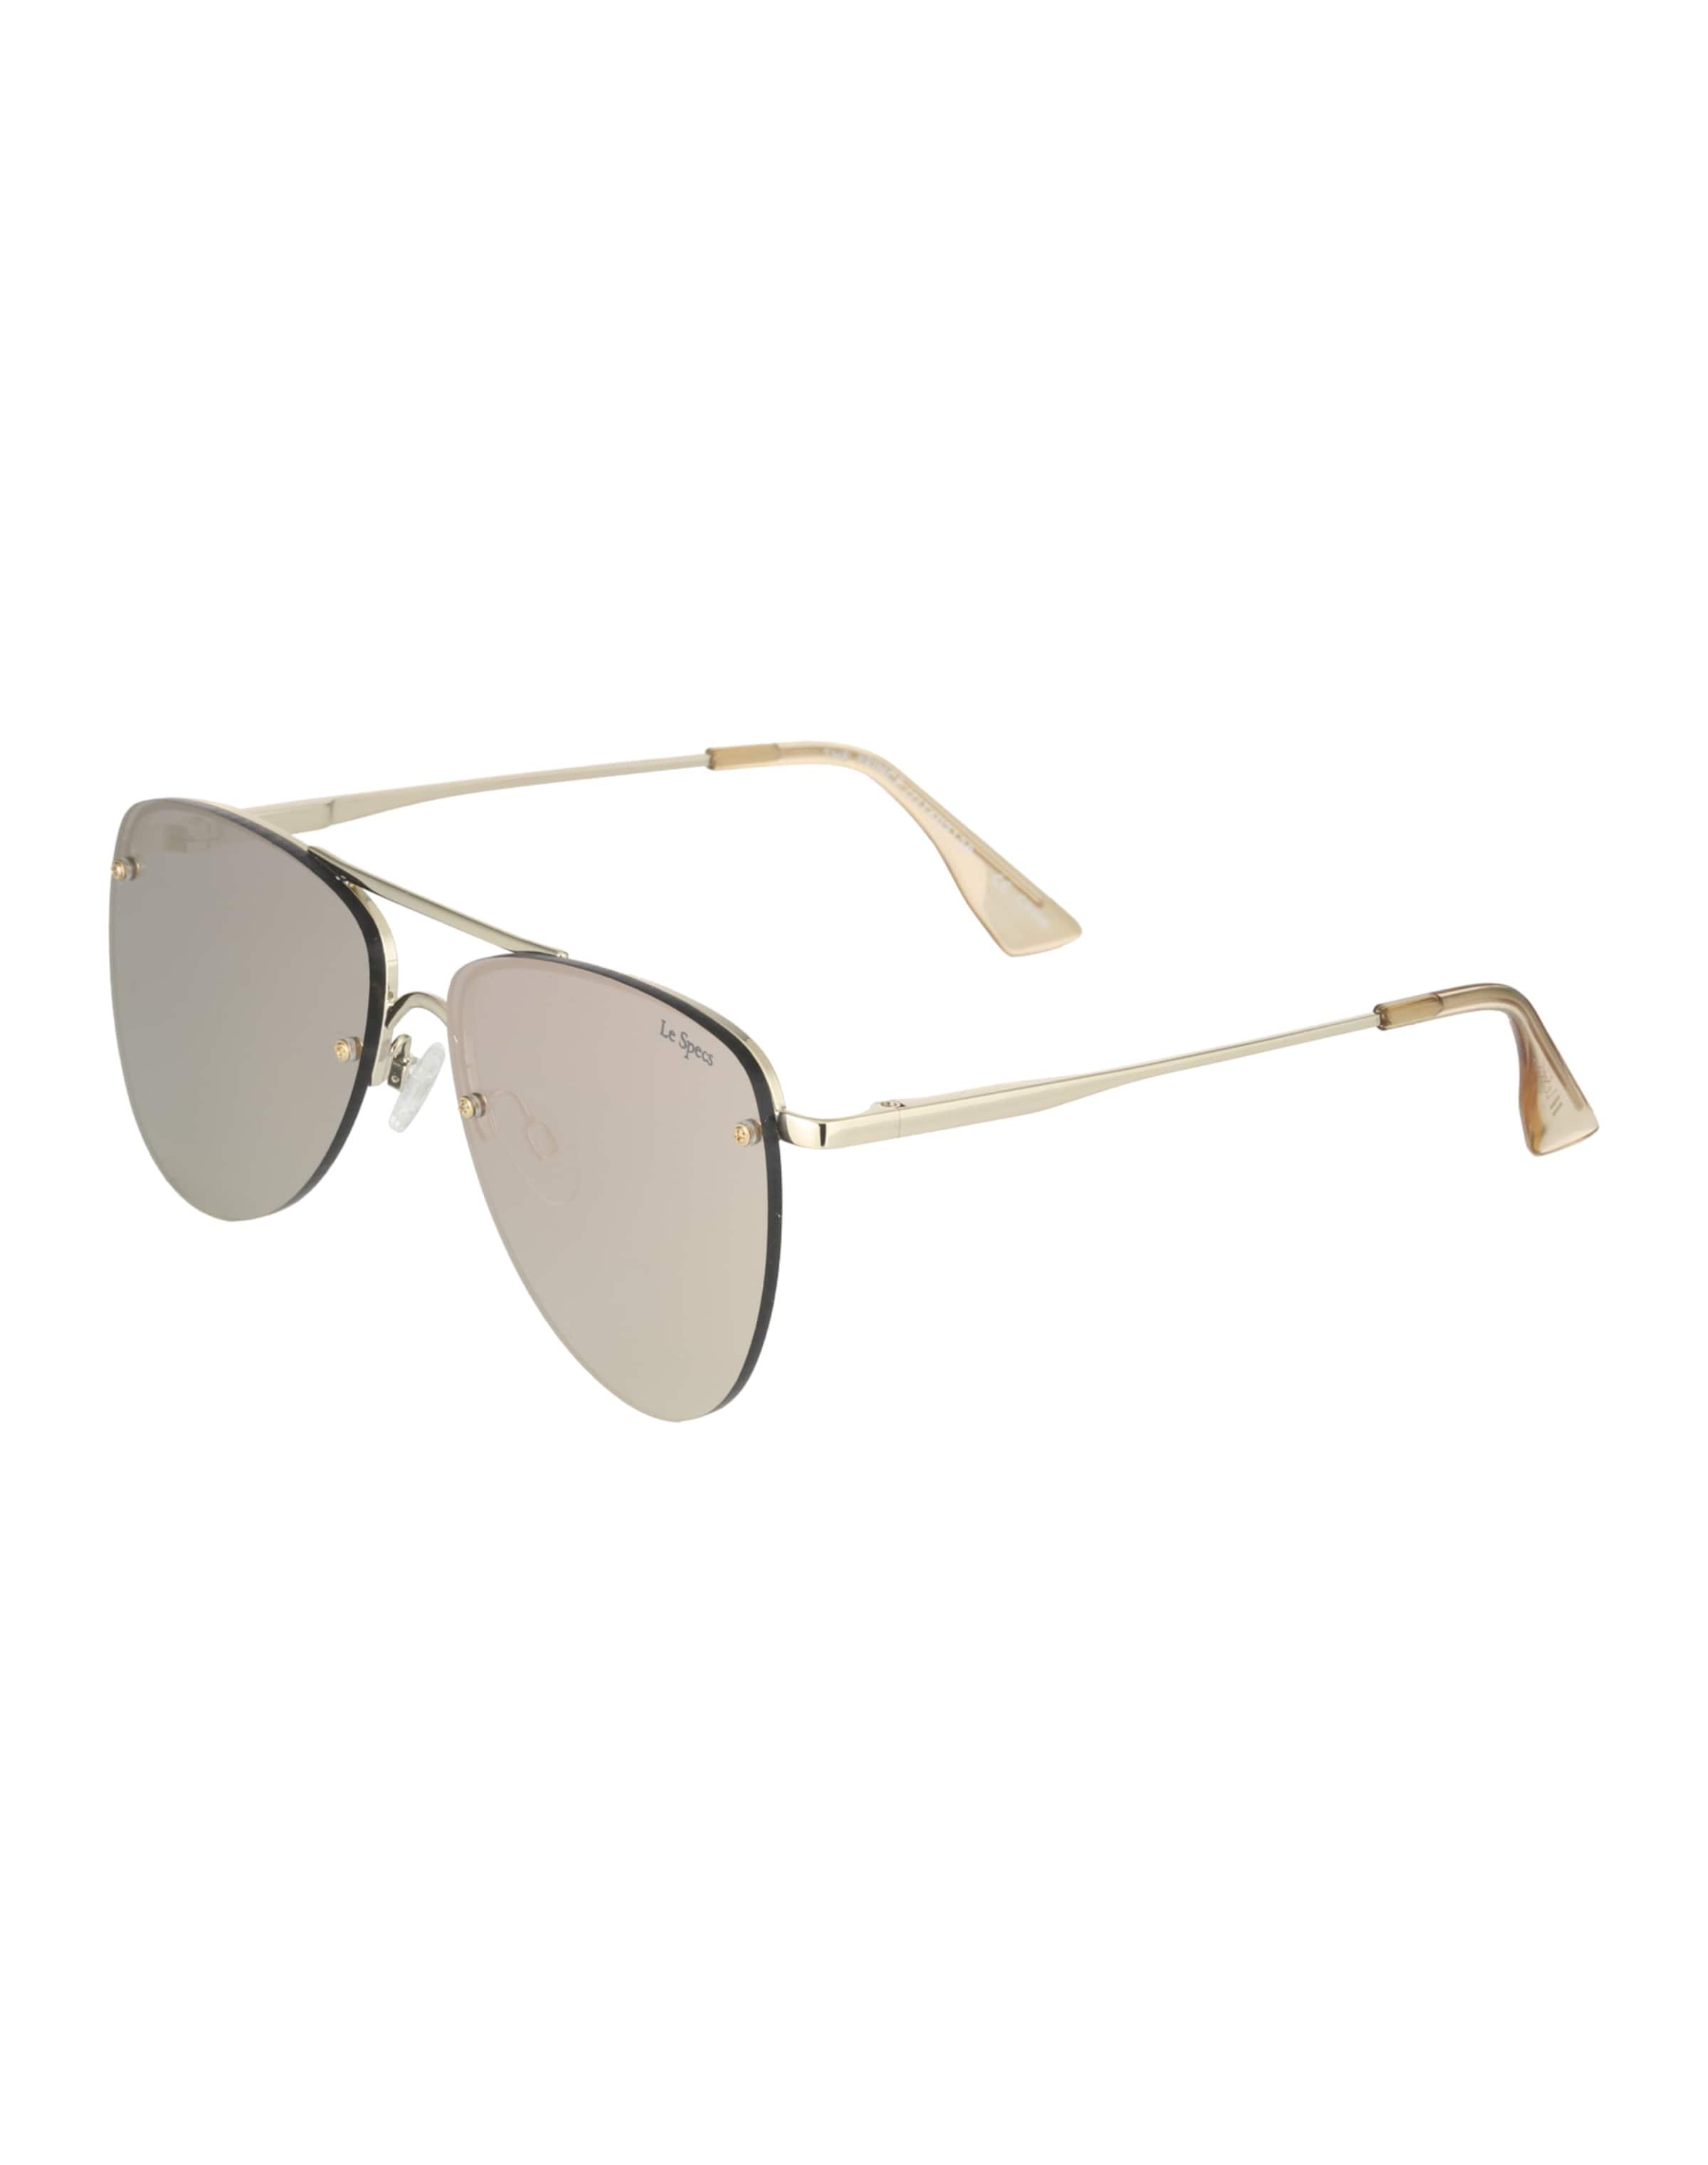 Sie Günstig Online Einkaufen Outlet Online LE SPECS Pilotenbrille 'The prince' Billig Verkauf In Deutschland Preiswert Günstiger Preis Billig Verkauf Sast MOnNjMRJ